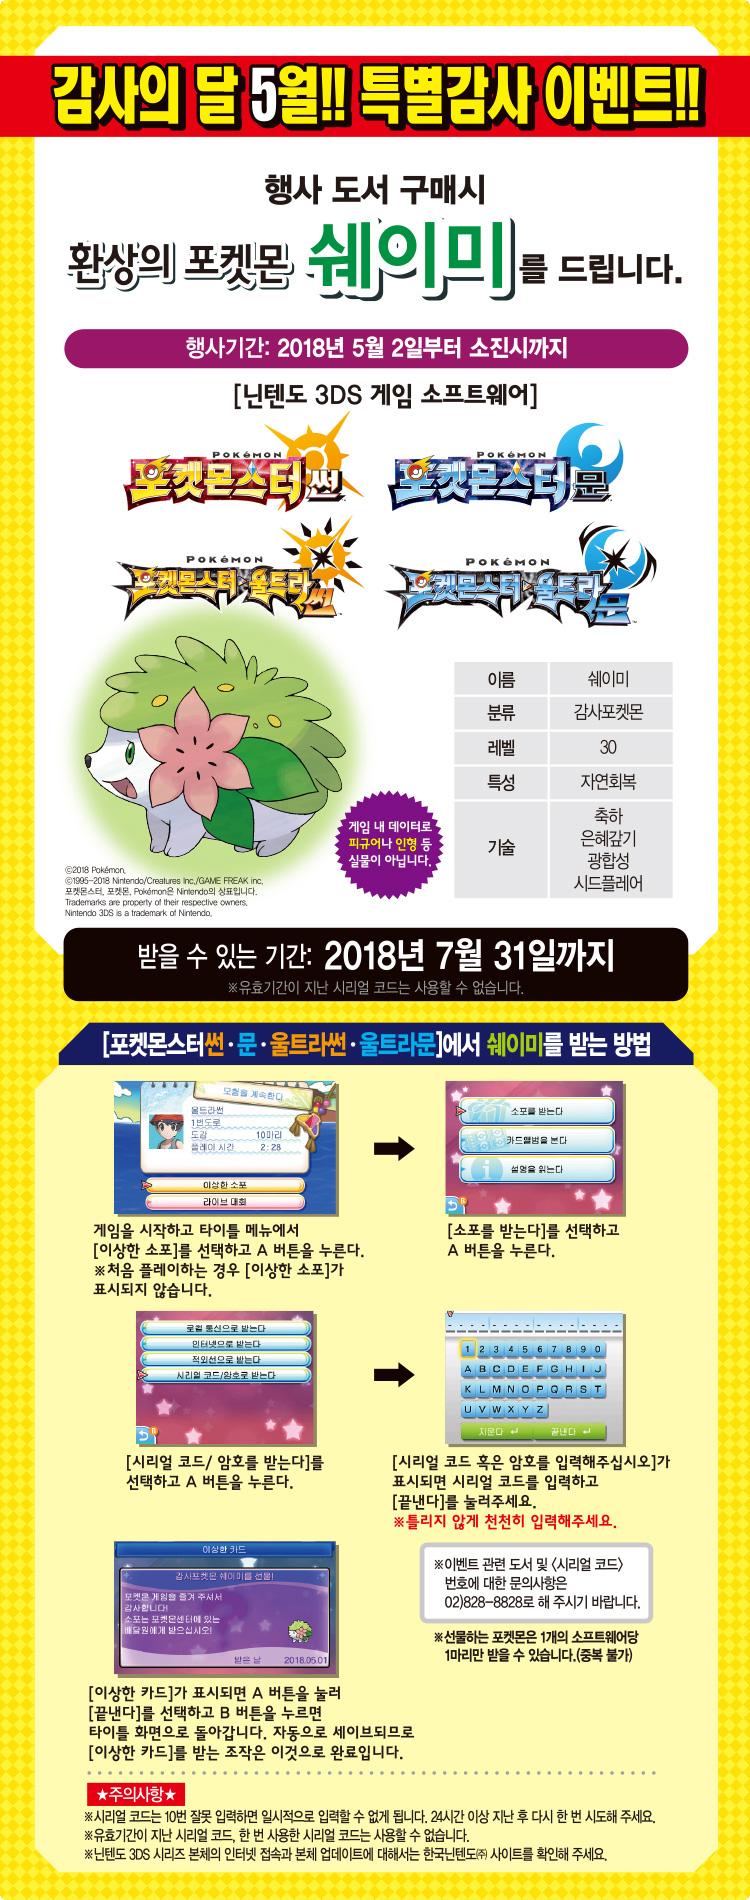 韓国語書籍 ポケットモンスター ウルトラサン・ウルトラムーン 属性クリアガイド